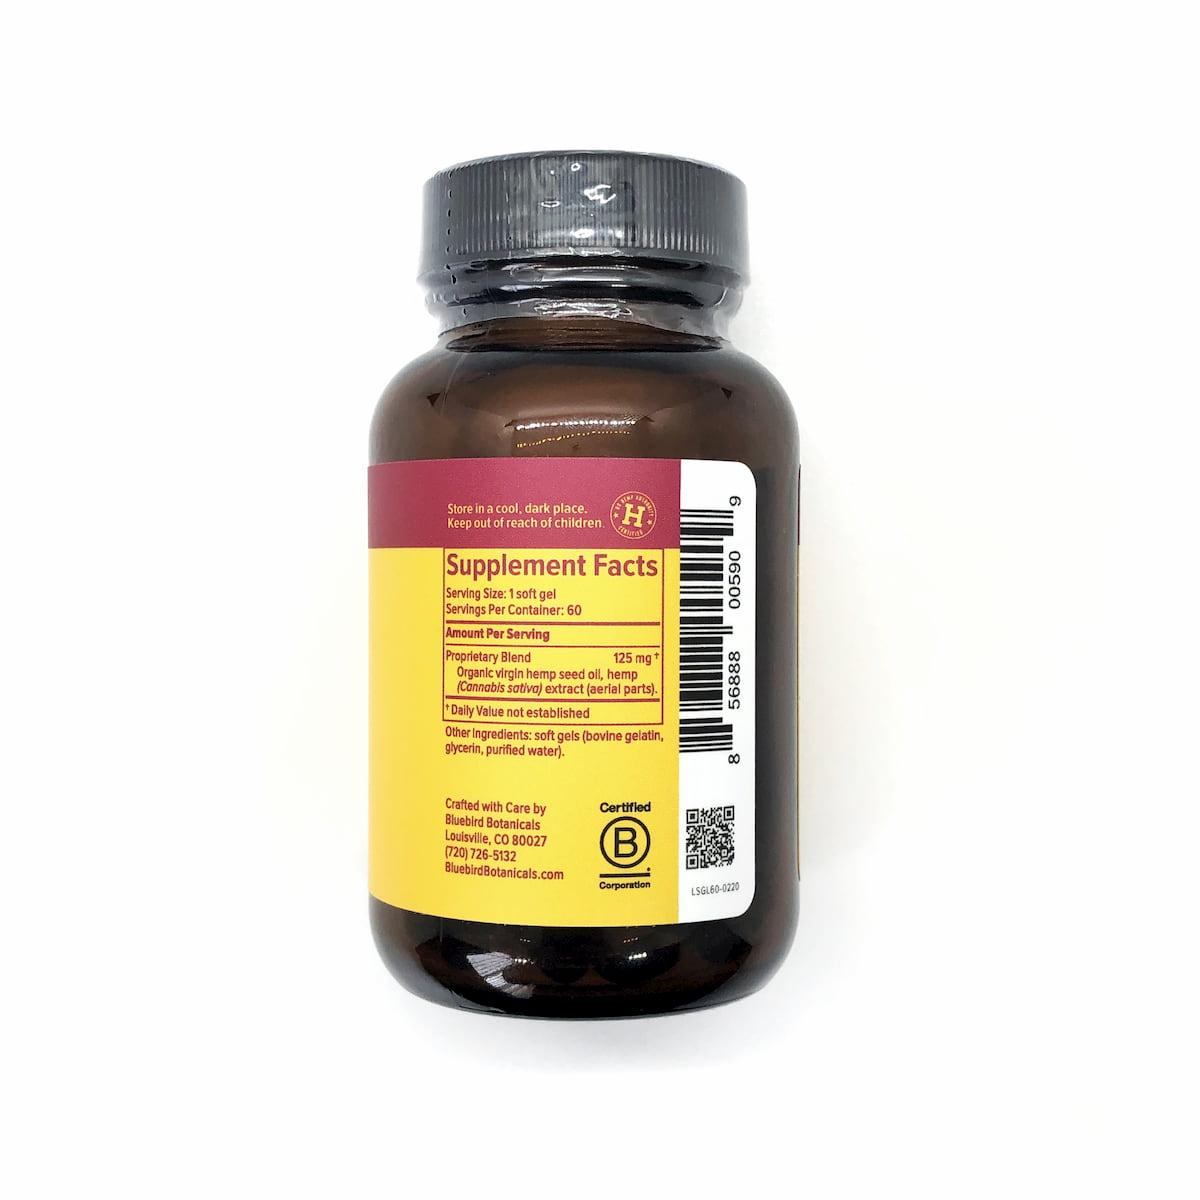 Bluebird Botanicals, Classic CBD Oil Gel Capsules, Full Spectrum, 60-count, 300mg of CBD2